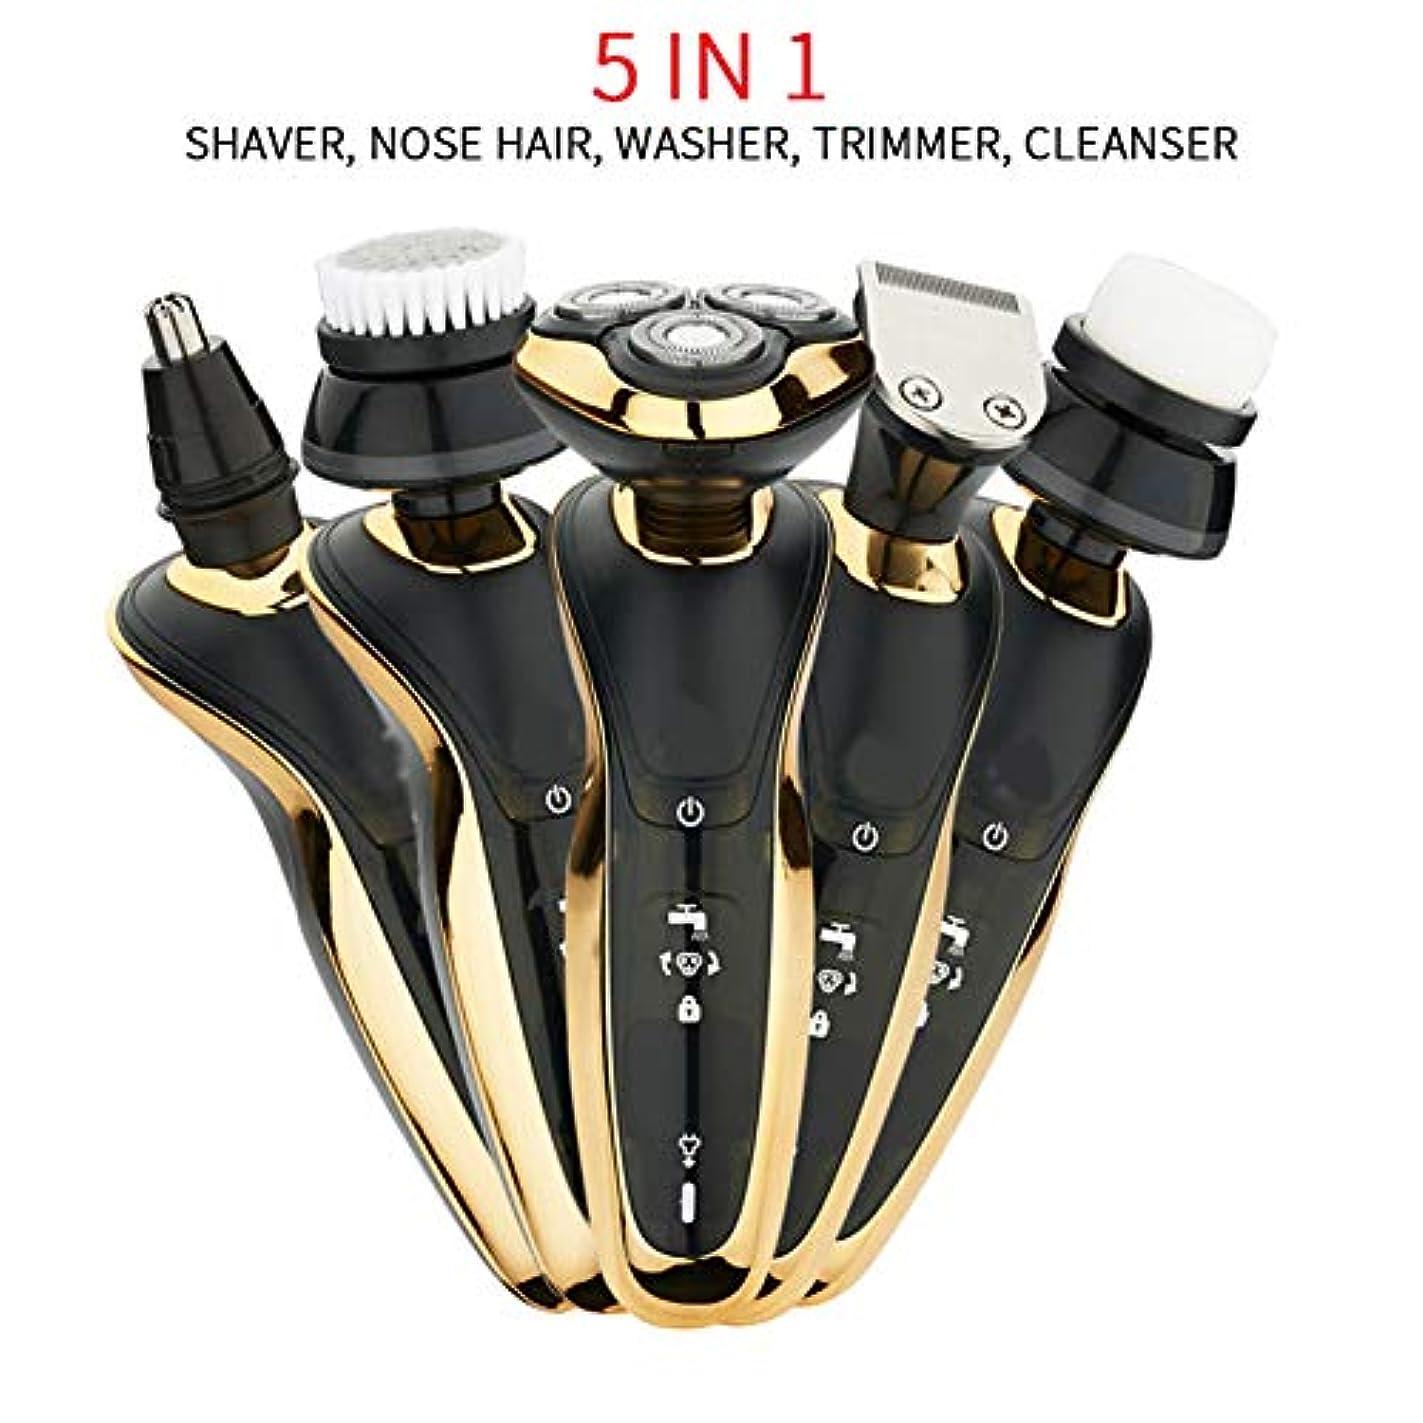 脈拍腐敗麺5男性ロータリーカミソリ髭の鼻毛トリマー、5パックの交換ヘッド用1電気シェーバーで